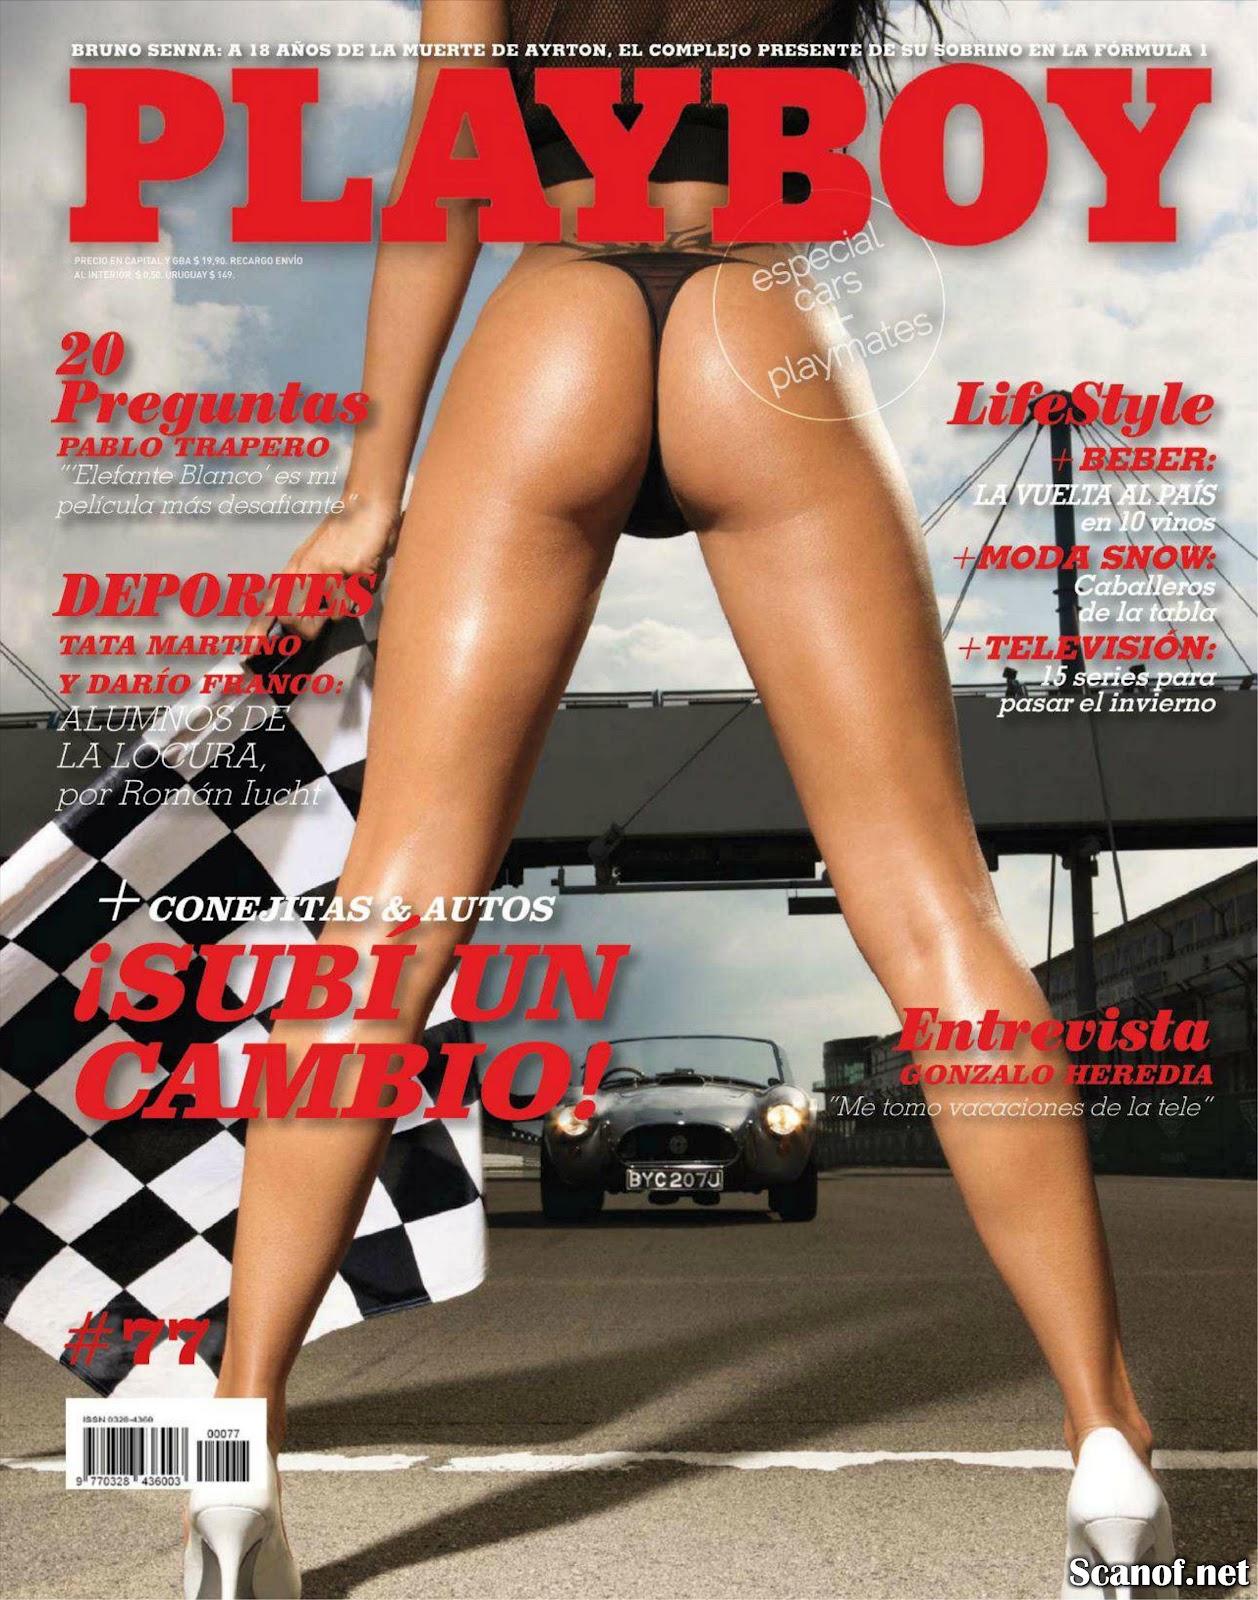 http://3.bp.blogspot.com/-J0tC9KM1VyE/T8fRw95K8PI/AAAAAAAAB8s/VbGIdY2l1ek/s1600/Playboy_5-2012_Argentina_Scanof_net_001.jpg